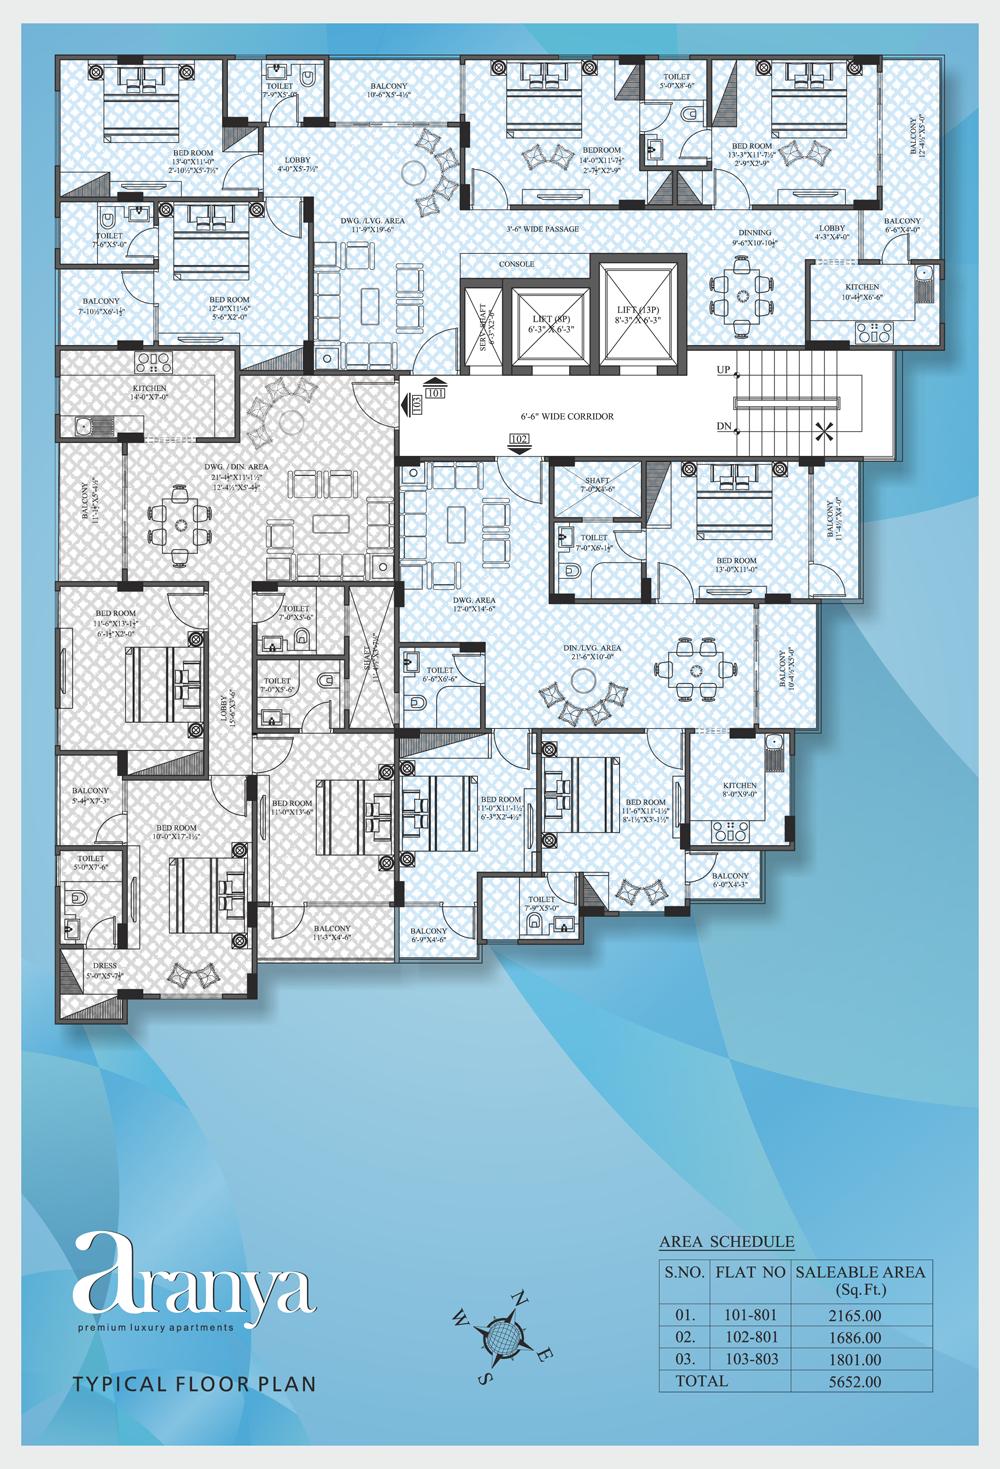 UDB Aranya - Floor Plan